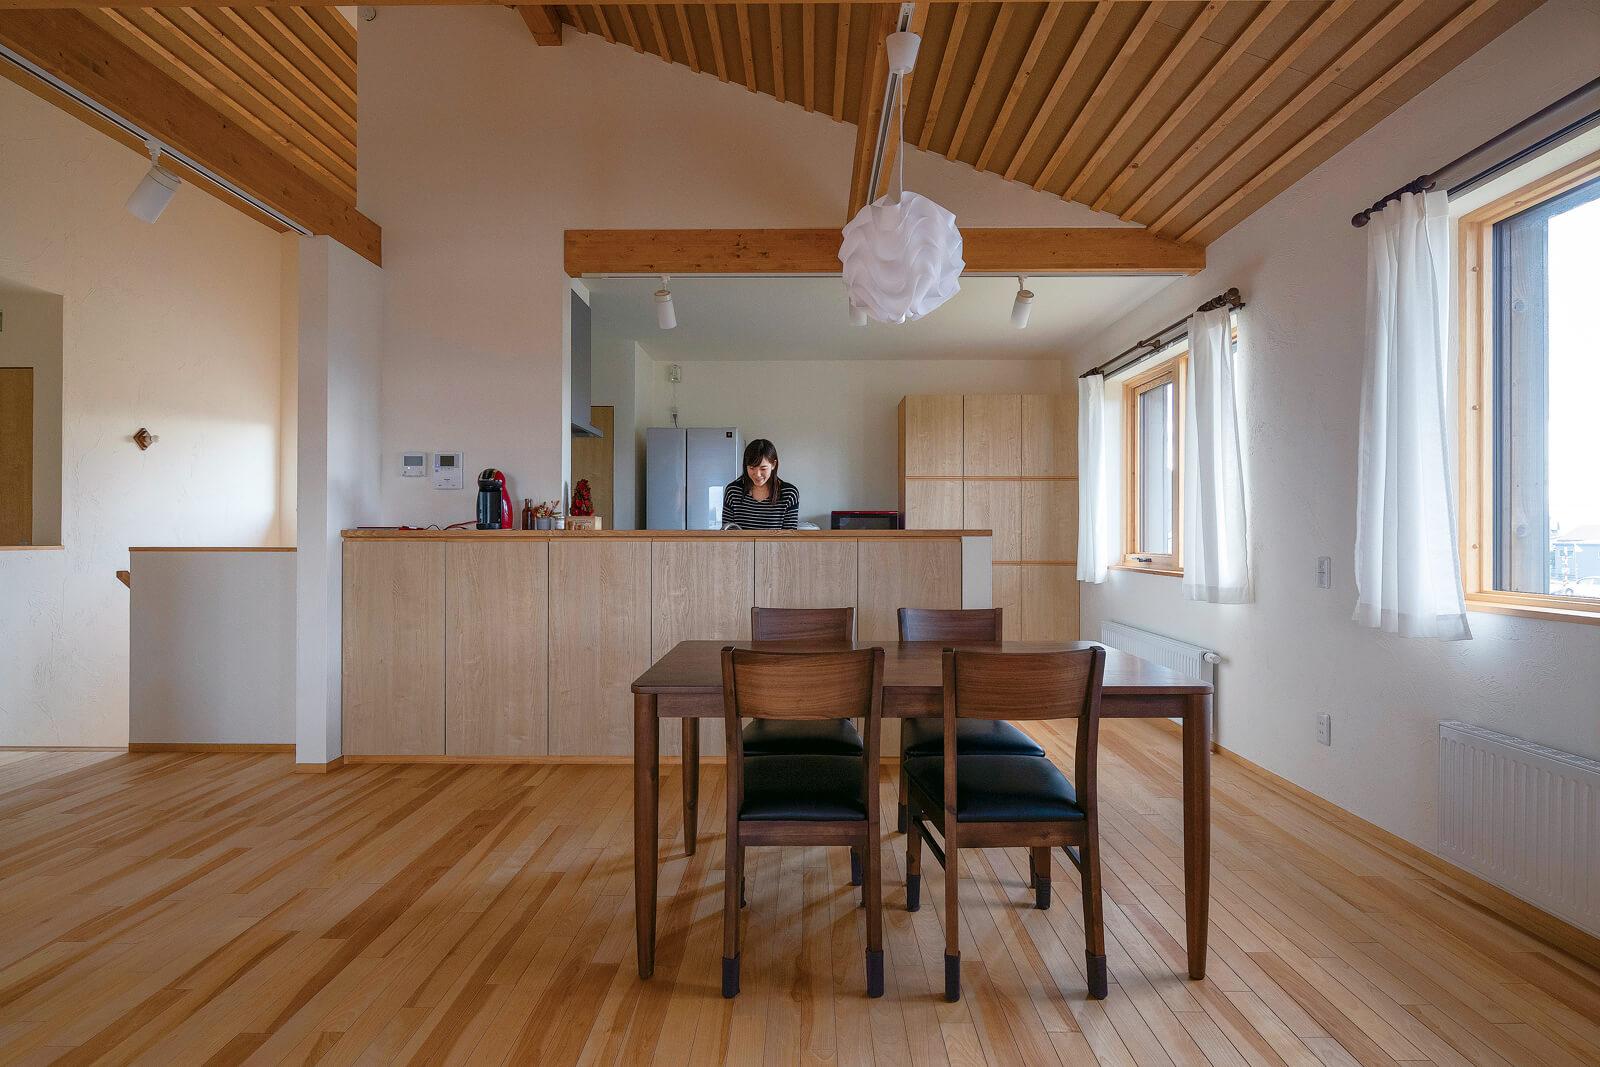 キッチンもカウンターや壁の収納などを造作し、床とのつながりや木の統一感を出している